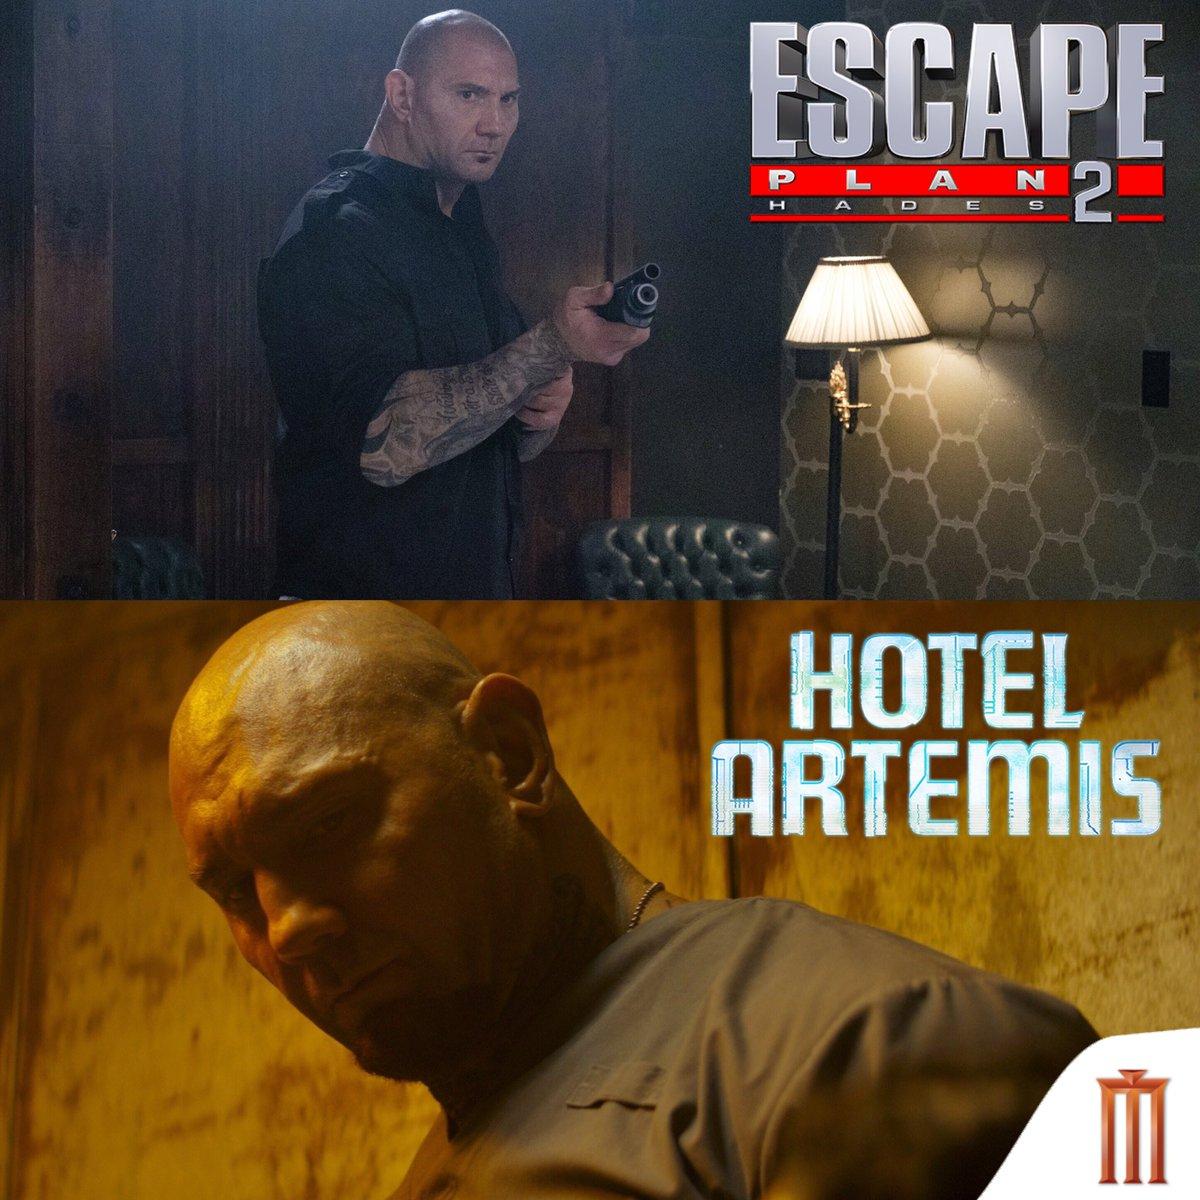 """ถึงหลายคนจะมองไม่เห็นเค้า แต่ตอนนี้มีหนังที่ """"เดฟ บาติสต้า"""" เล่นสองเรื่อง #EscapePlan2 """"แหกคุกมหาประลัย 2"""" และ #HotelArtemis """"โรงแรมโคตรมหาโจร"""" วันนี้ในโรงภาพยนตร์"""